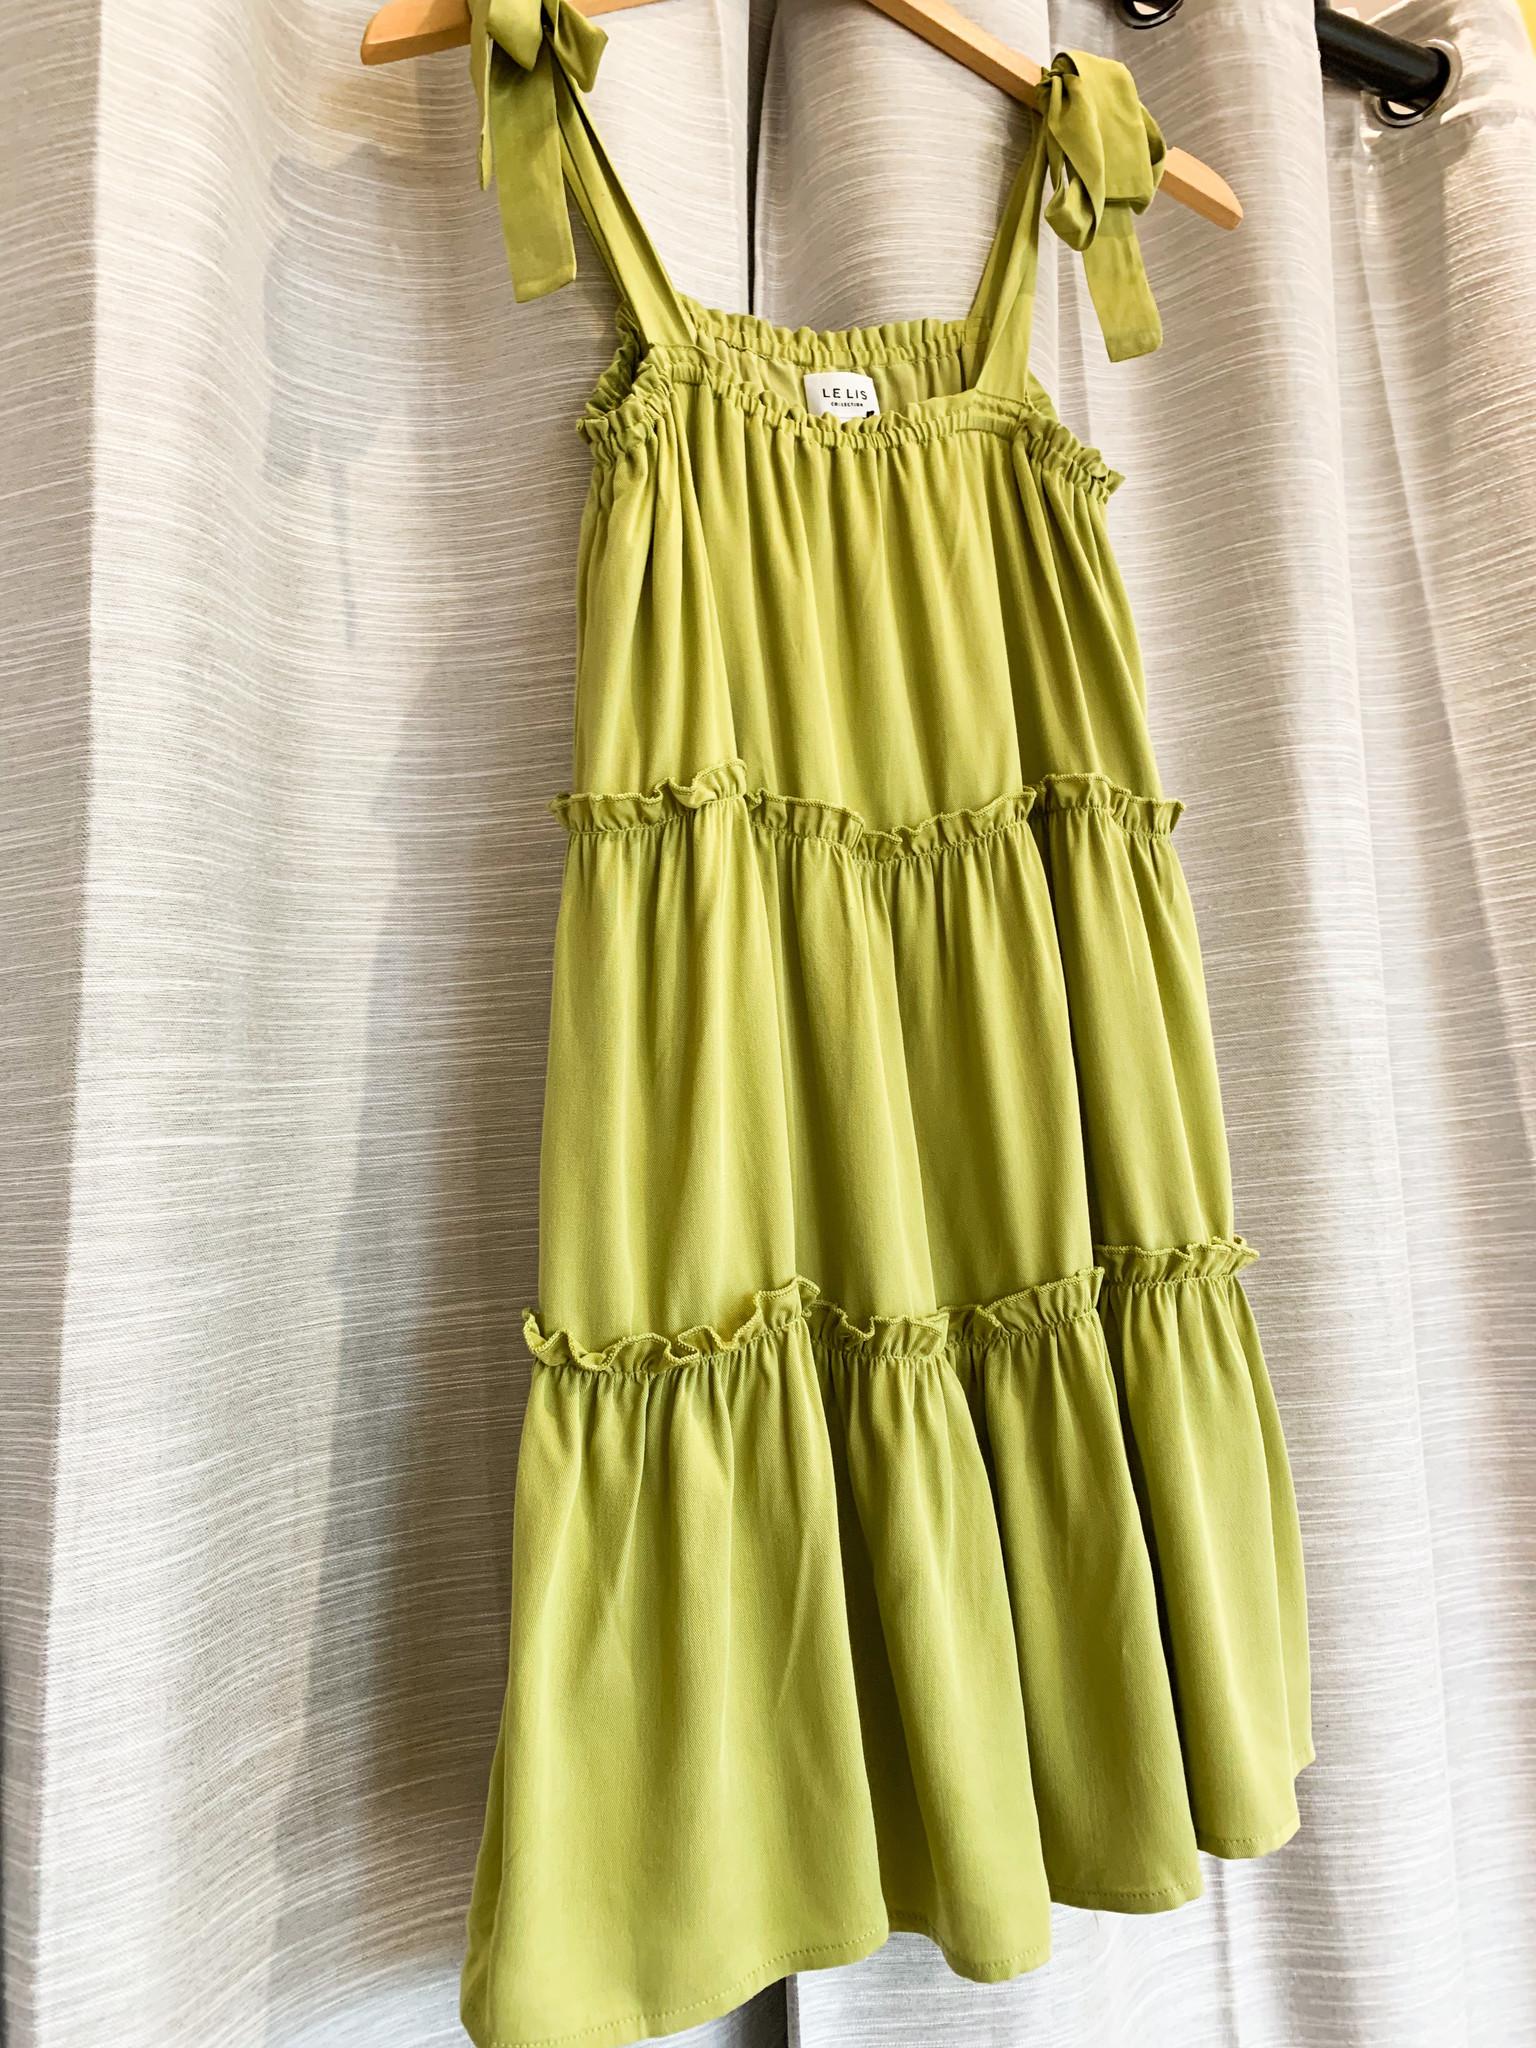 Avocado Tiered Shoulder Tie Dress